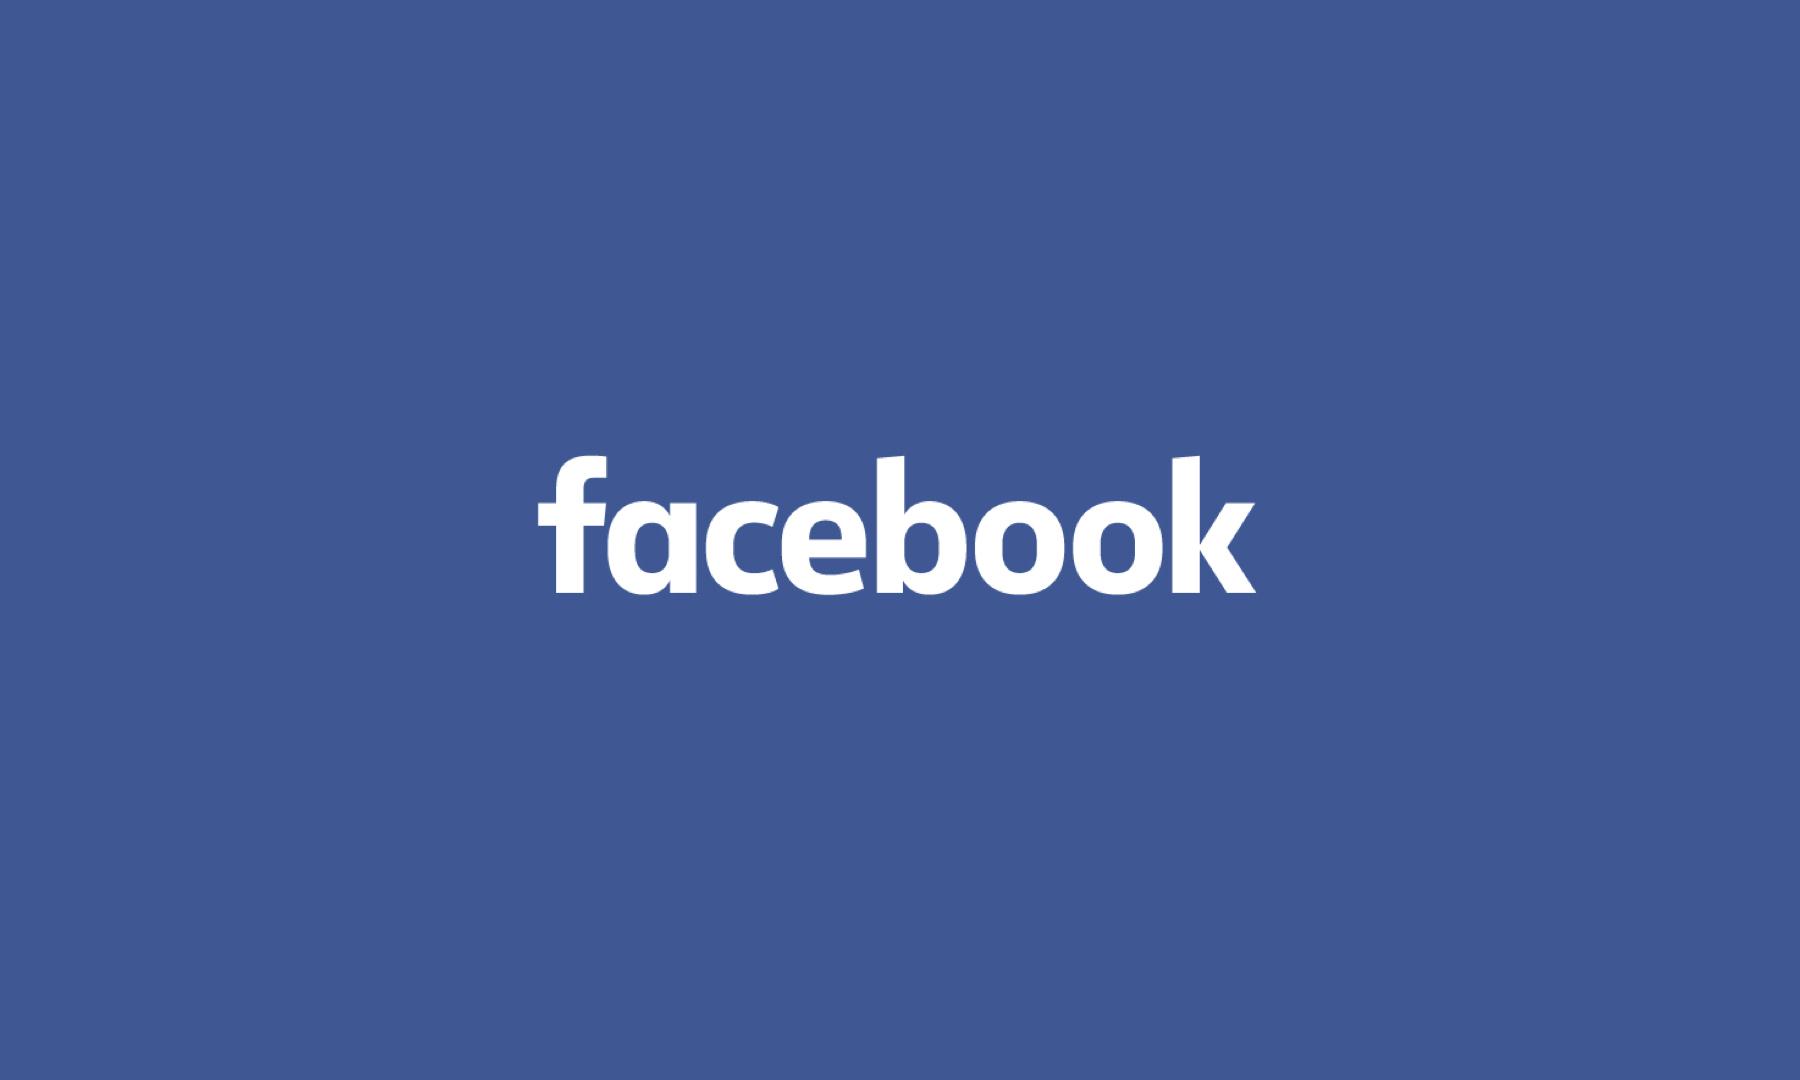 Mark Zuckerberg 或将对 Facebook 进行改名